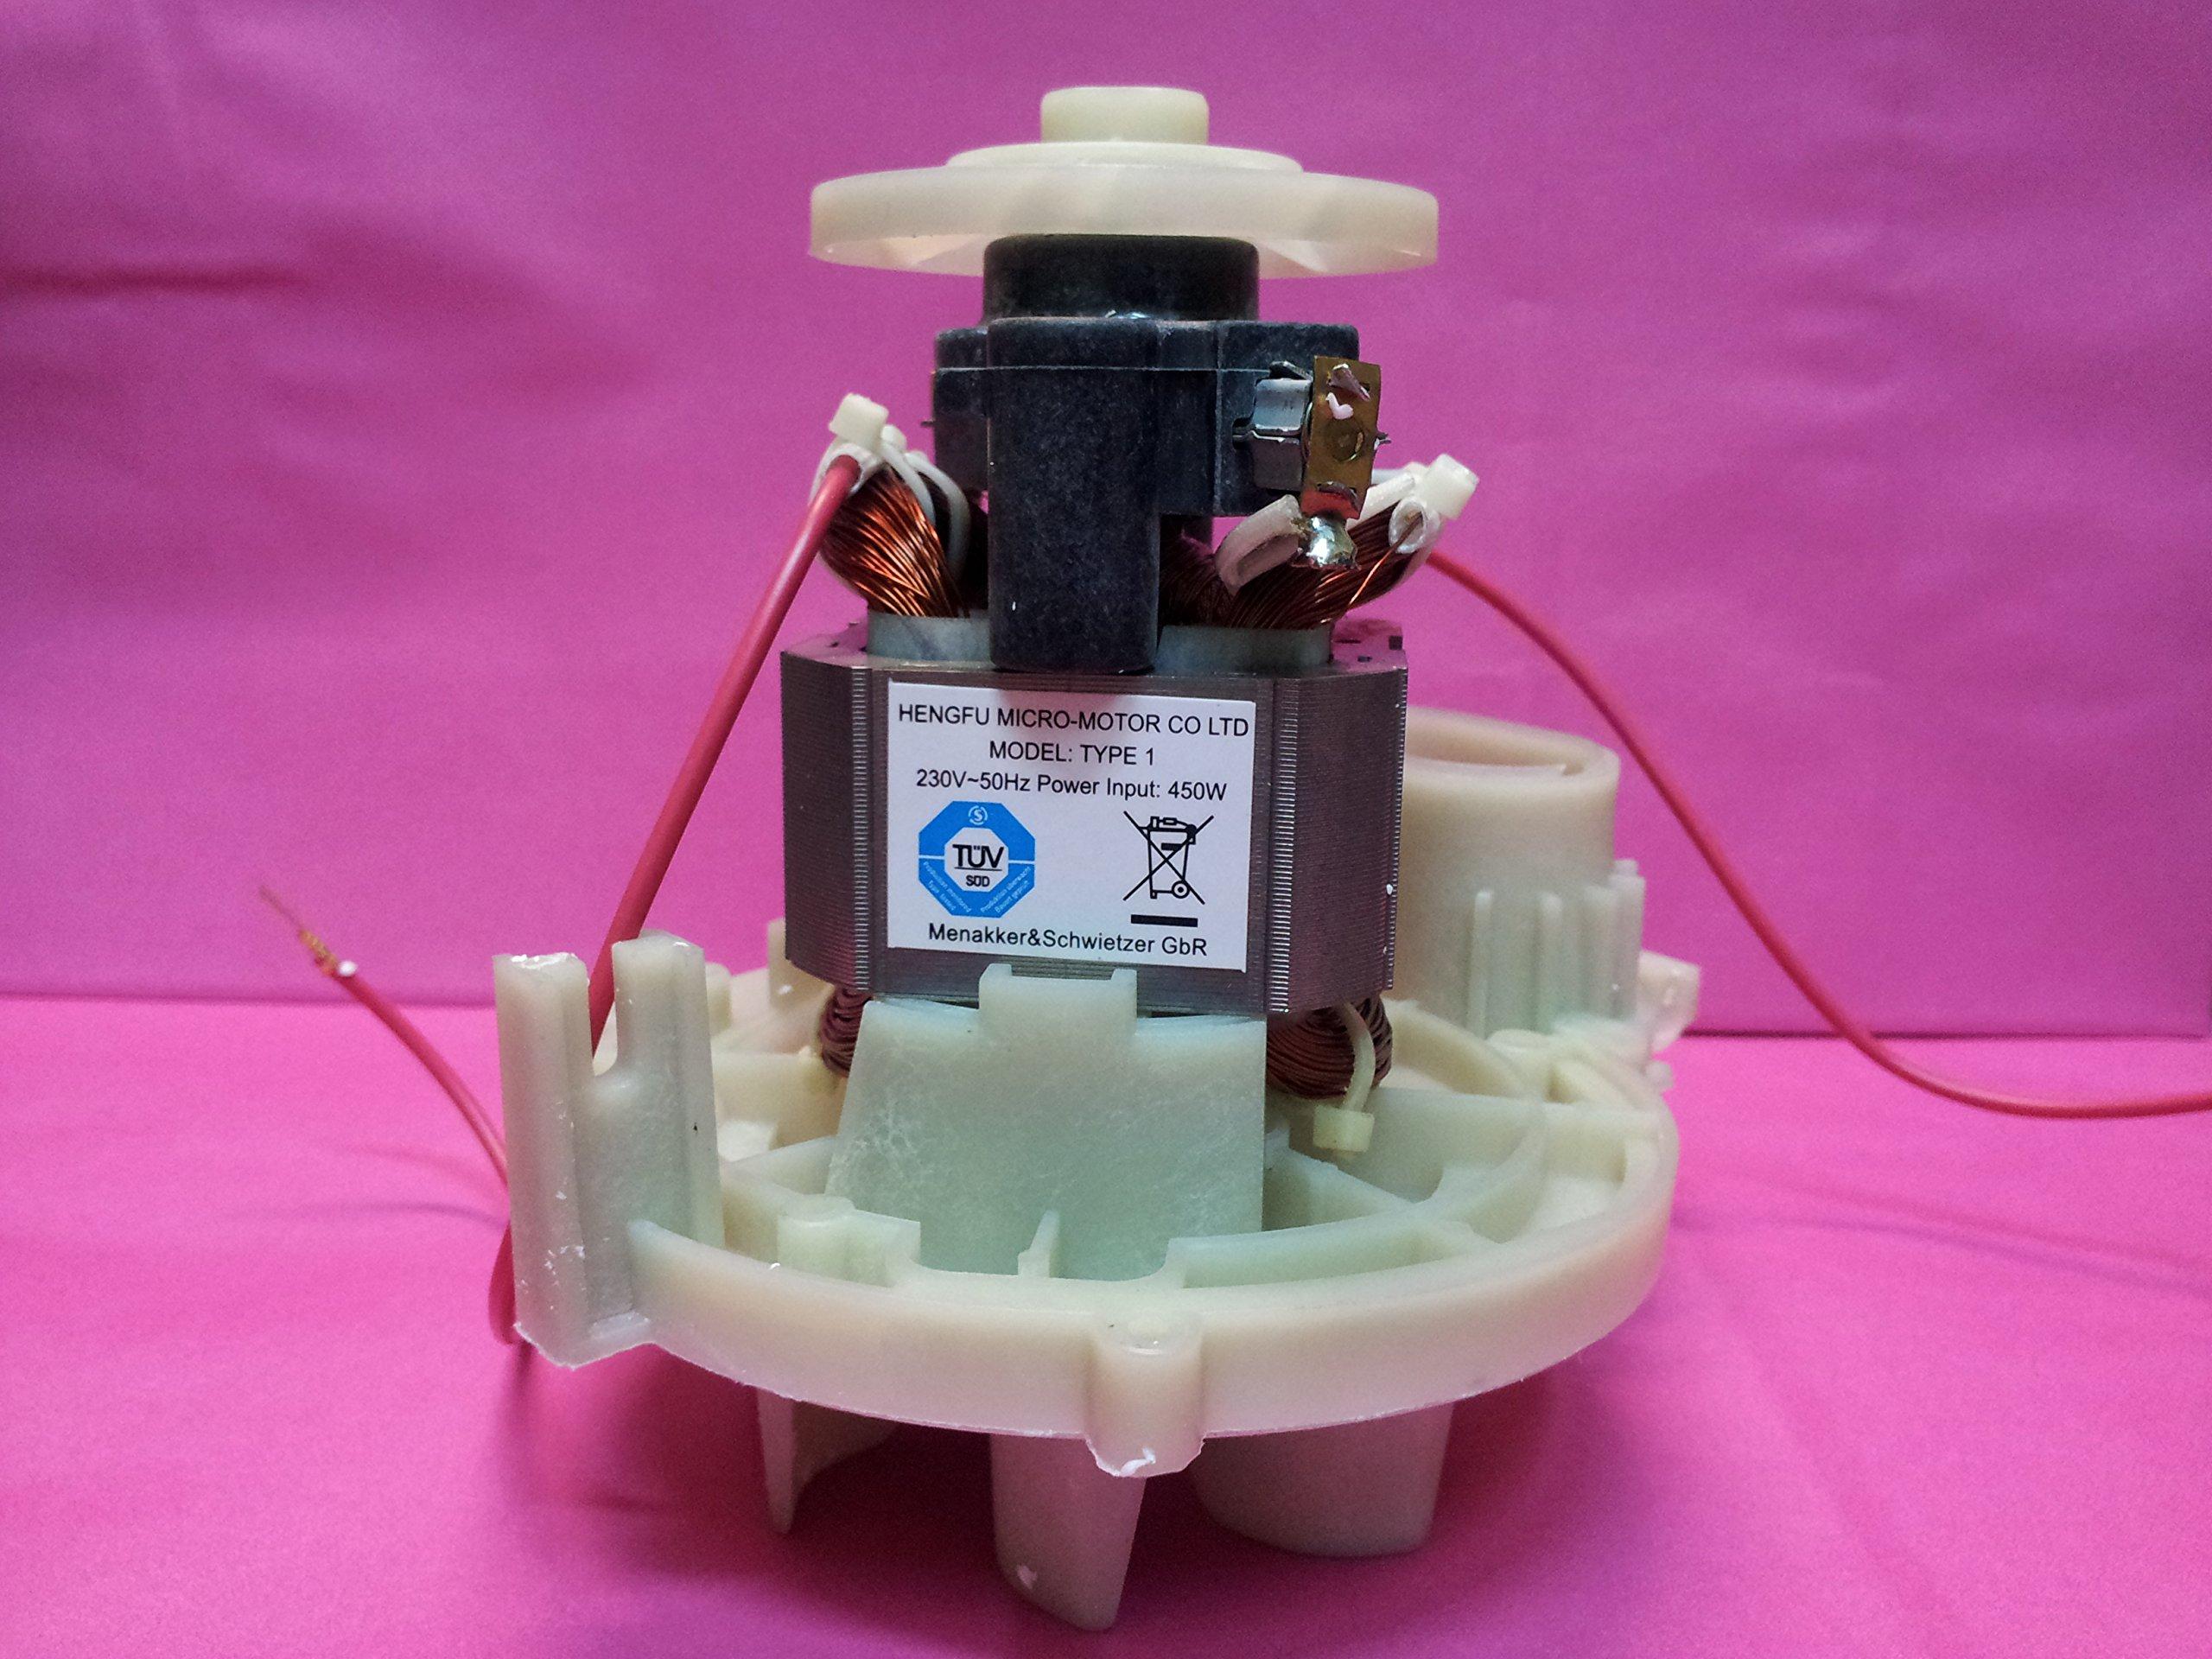 VORWERK FOLLETTO MOTORE VK 120-121-122 POTENZIATO 450 WATT CON CERTIFICAZIONE TUV product image